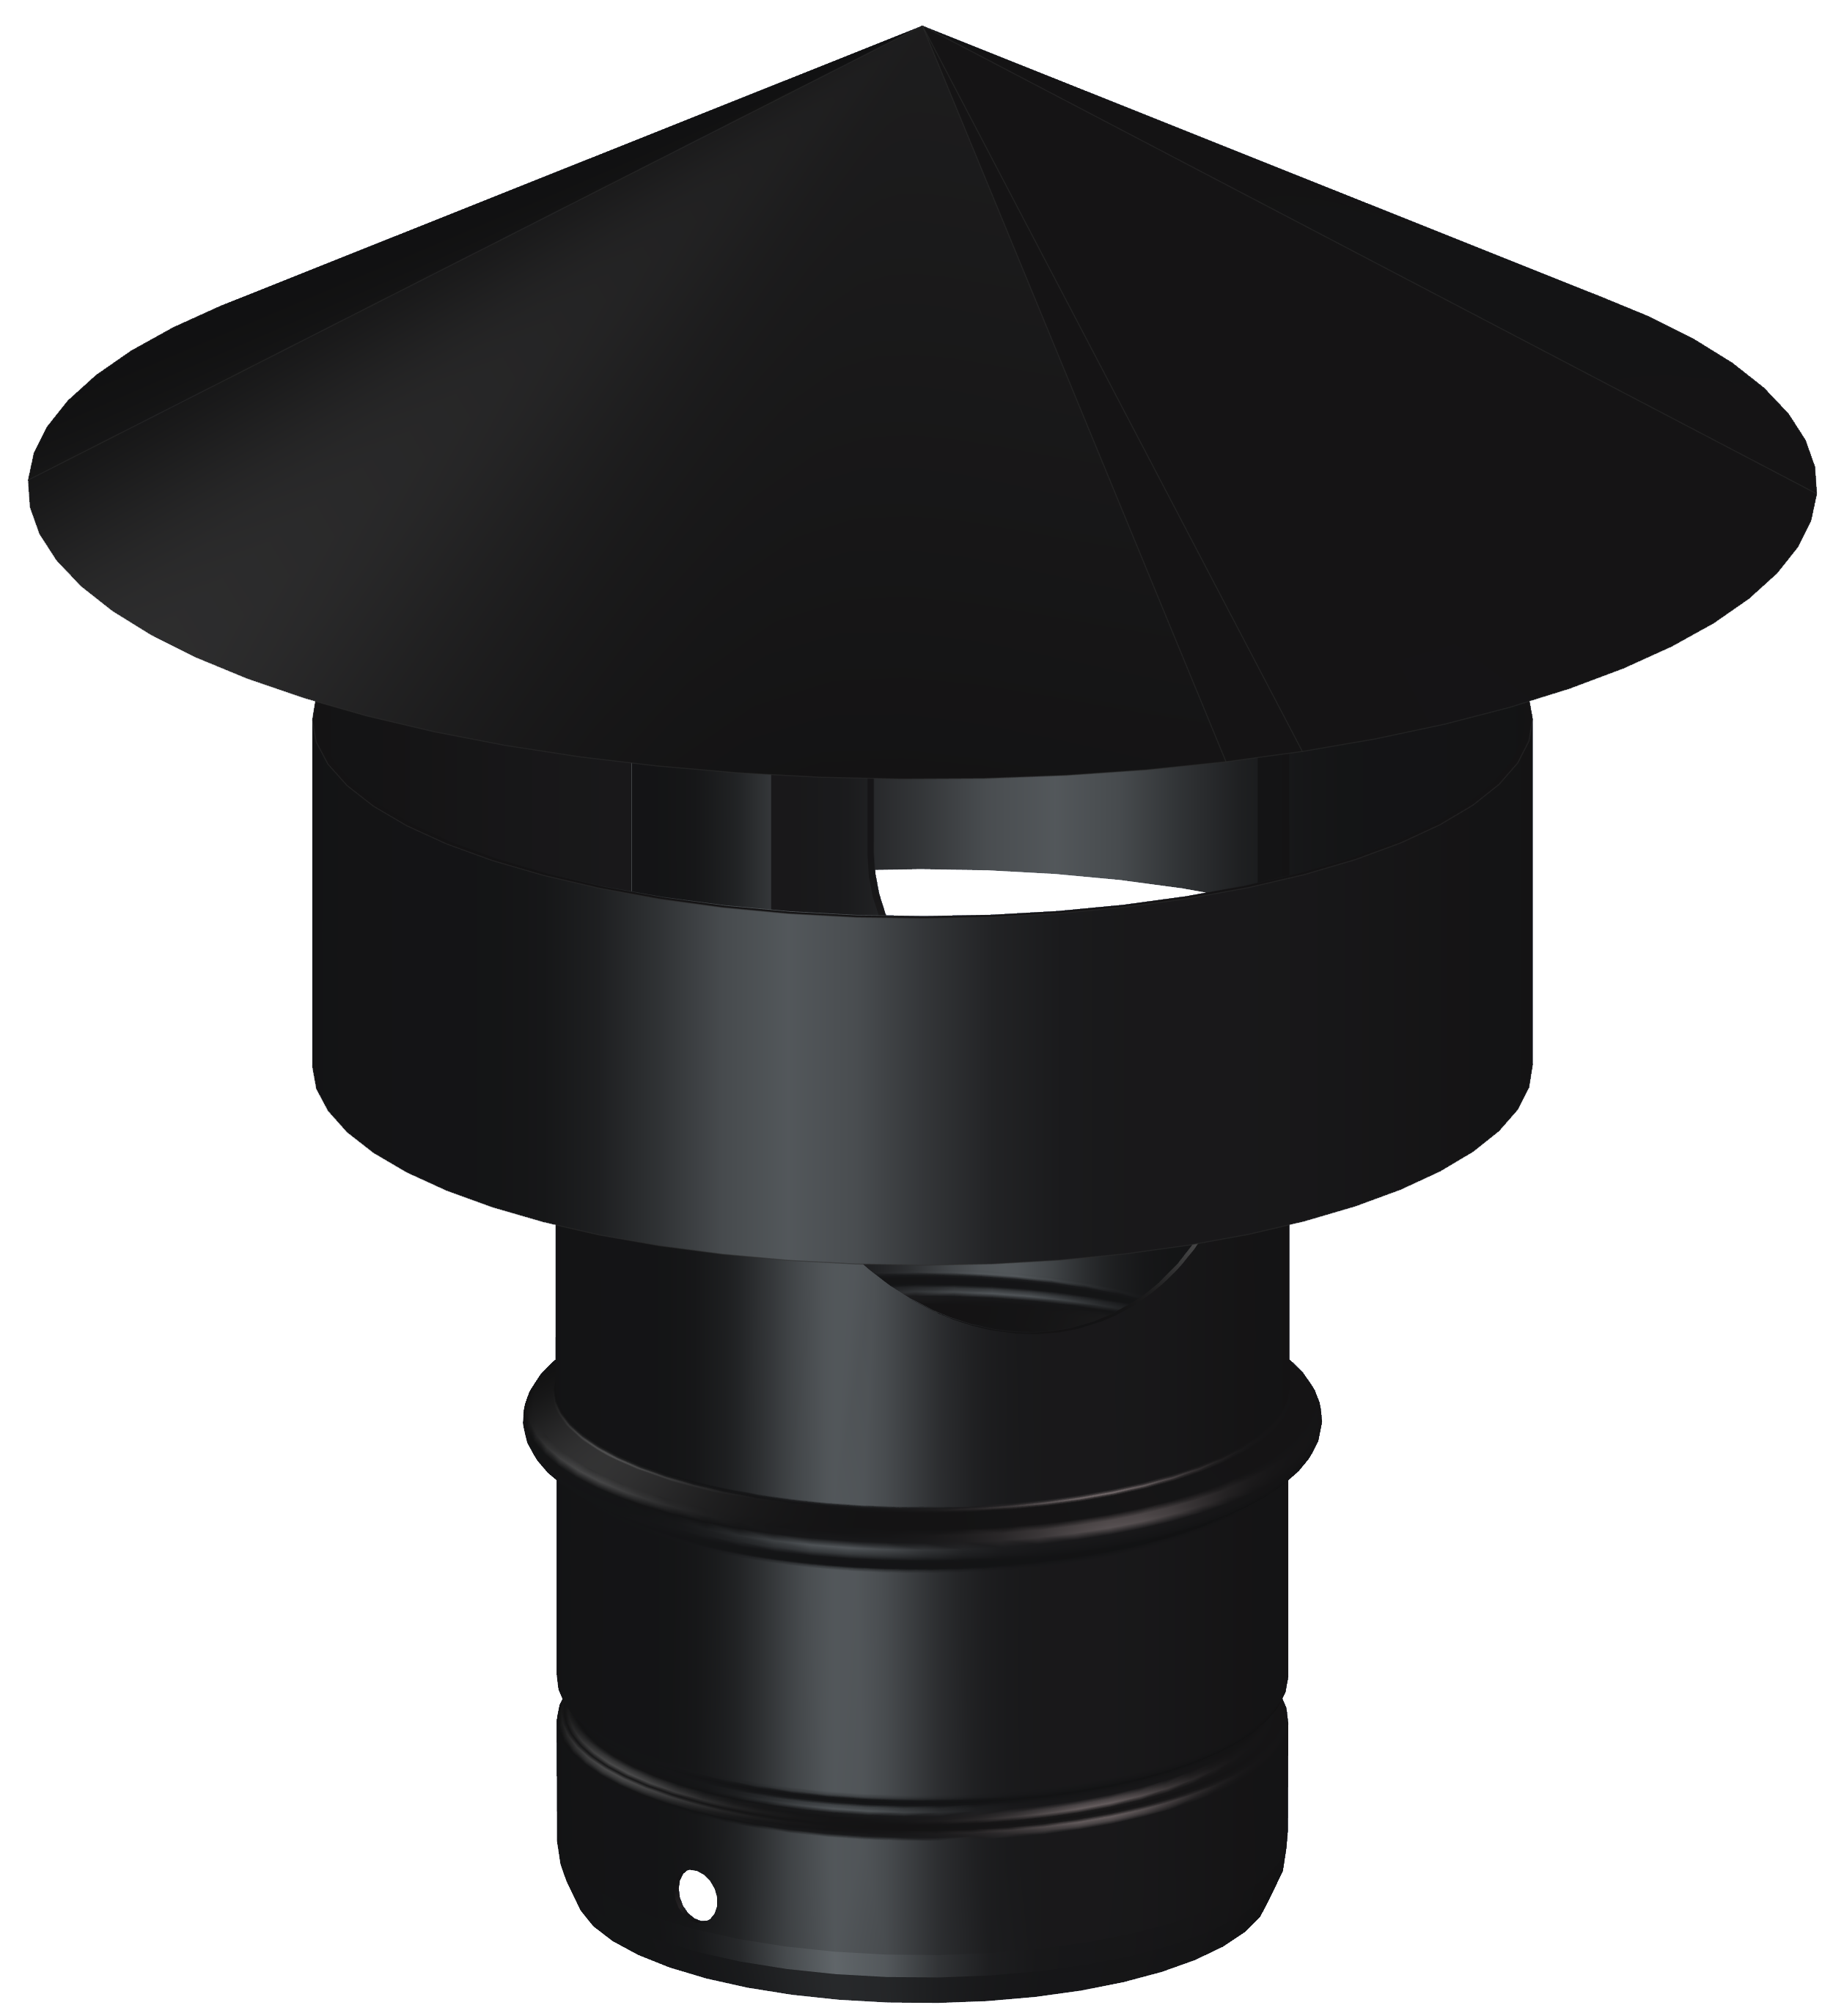 para inserci/ón 25,4/cm auto ajustable 20,32/cm sin aperturas de acero Sombrerete para chimenea 15,24/cm Rotowent Dragon PT